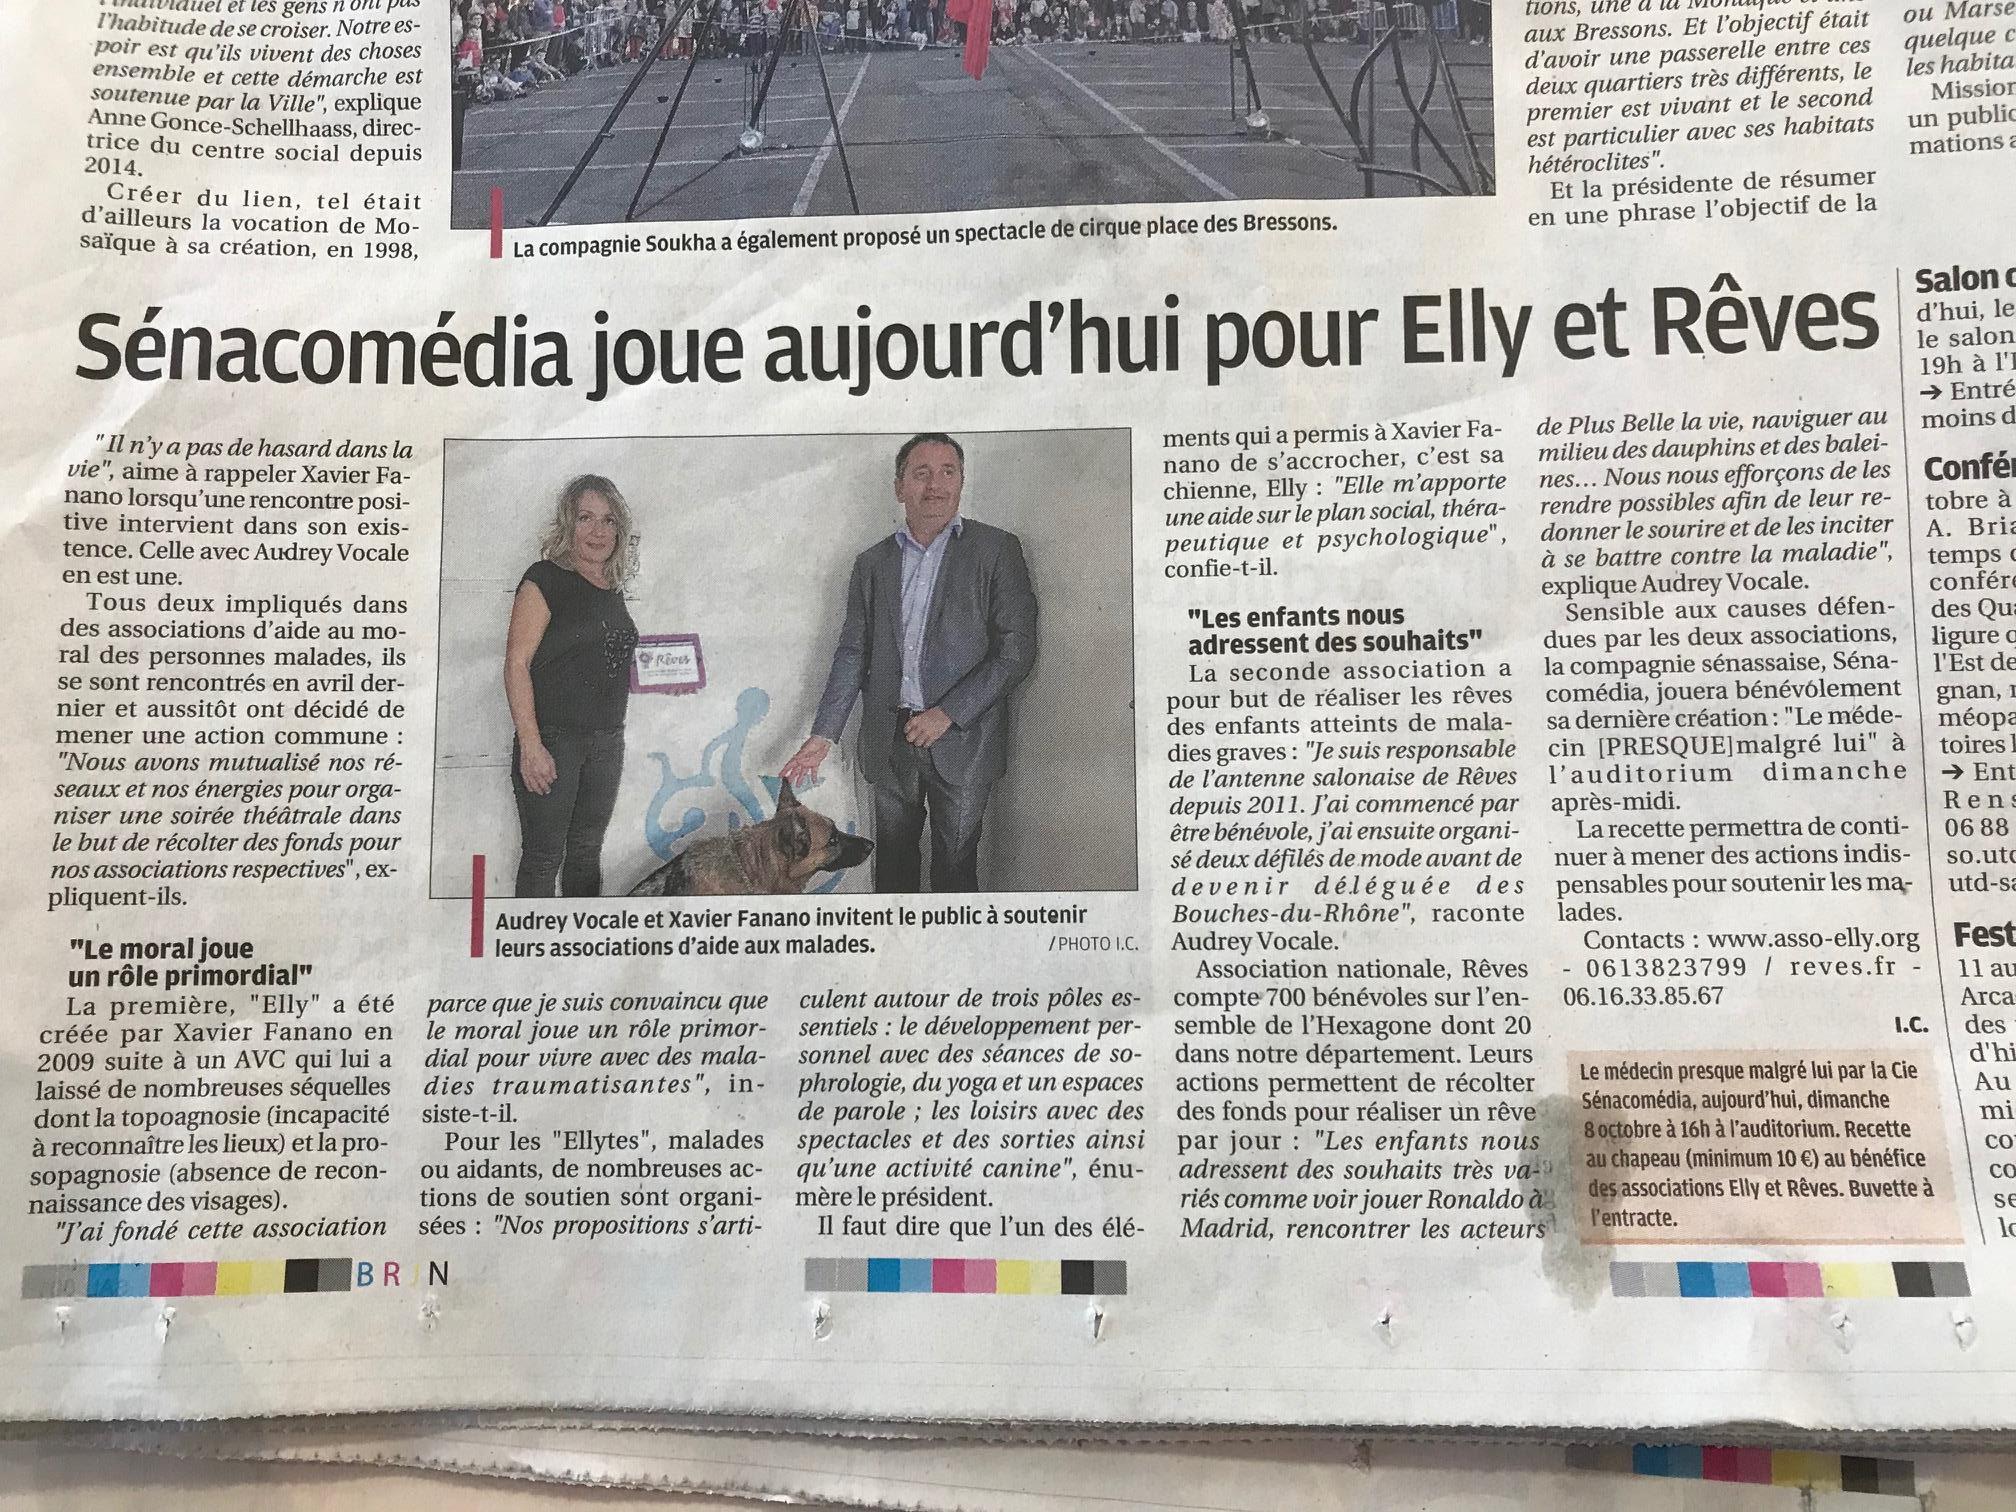 Article paru dans La Provence Le 08 Octobre 2017 - Association Elly (Salon de Provence 13300)